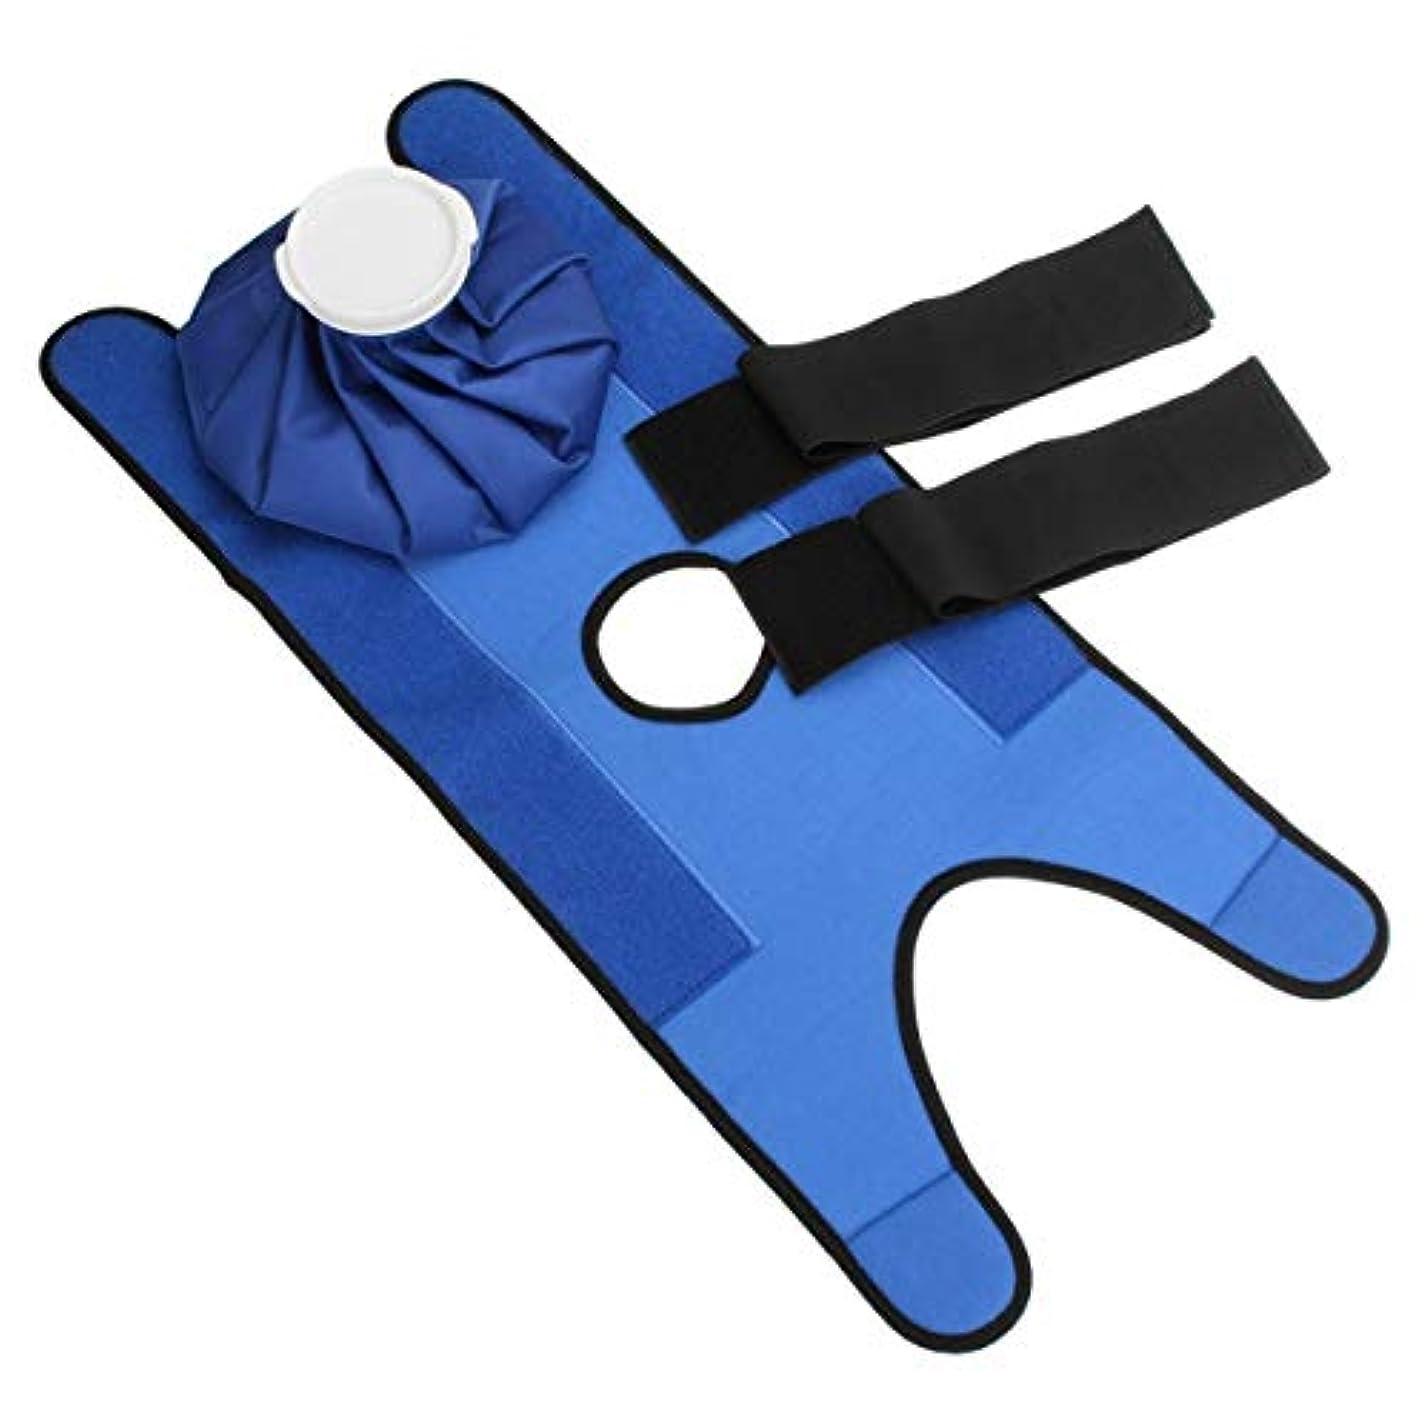 シエスタそこ出血Blackfell 小型サイズの再使用可能なヘルスケアの膝の頭部の足の筋肉スポーツ傷害の軽減の痛みのアイスバッグ包帯が付いている無毒なアイスパック